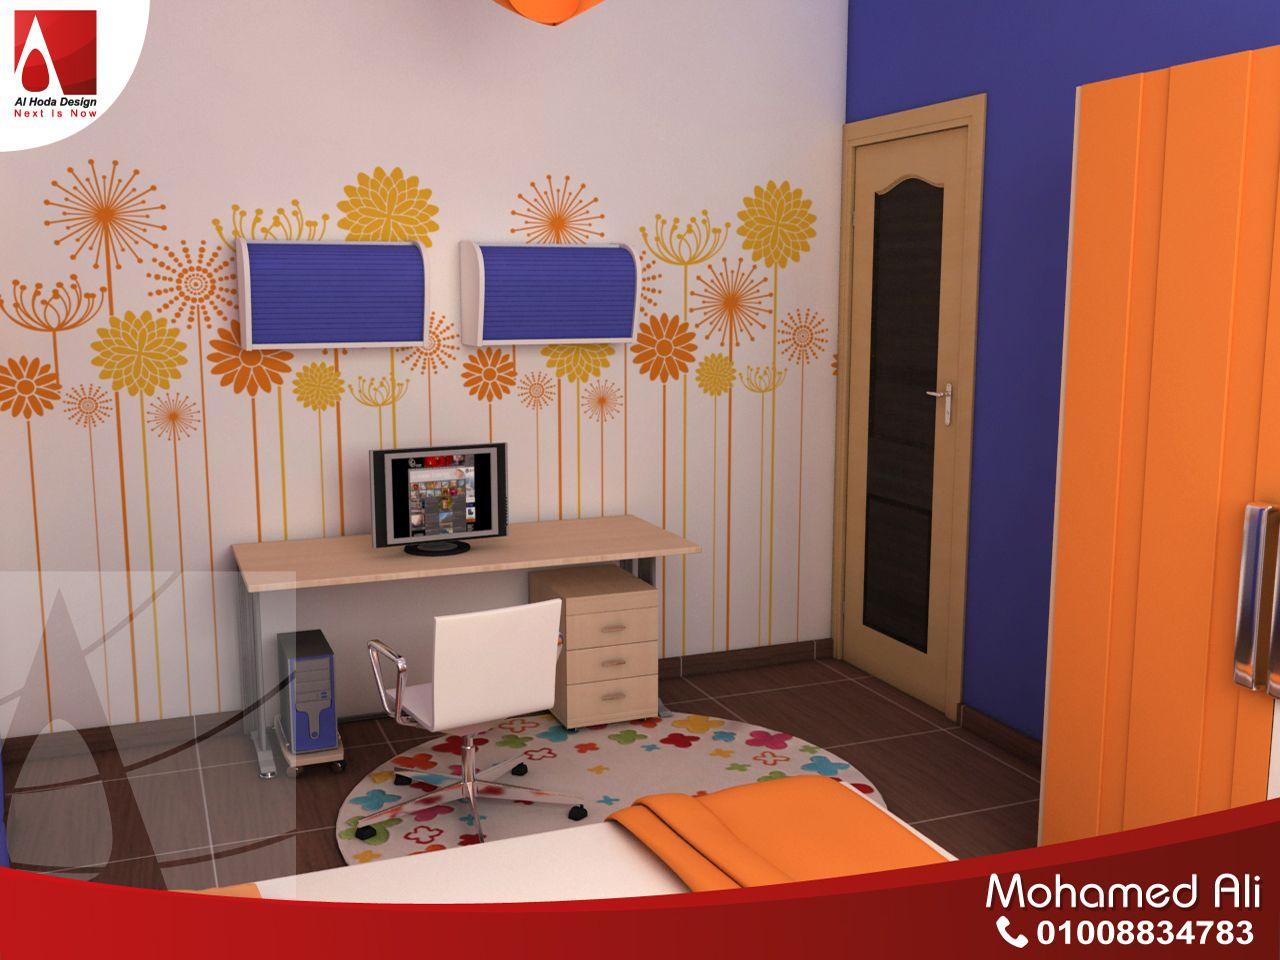 مكتب المذاكرة مع الكمبيوتر لغرفة اولاد مودرن Home Decor Loft Bed Kids Rugs